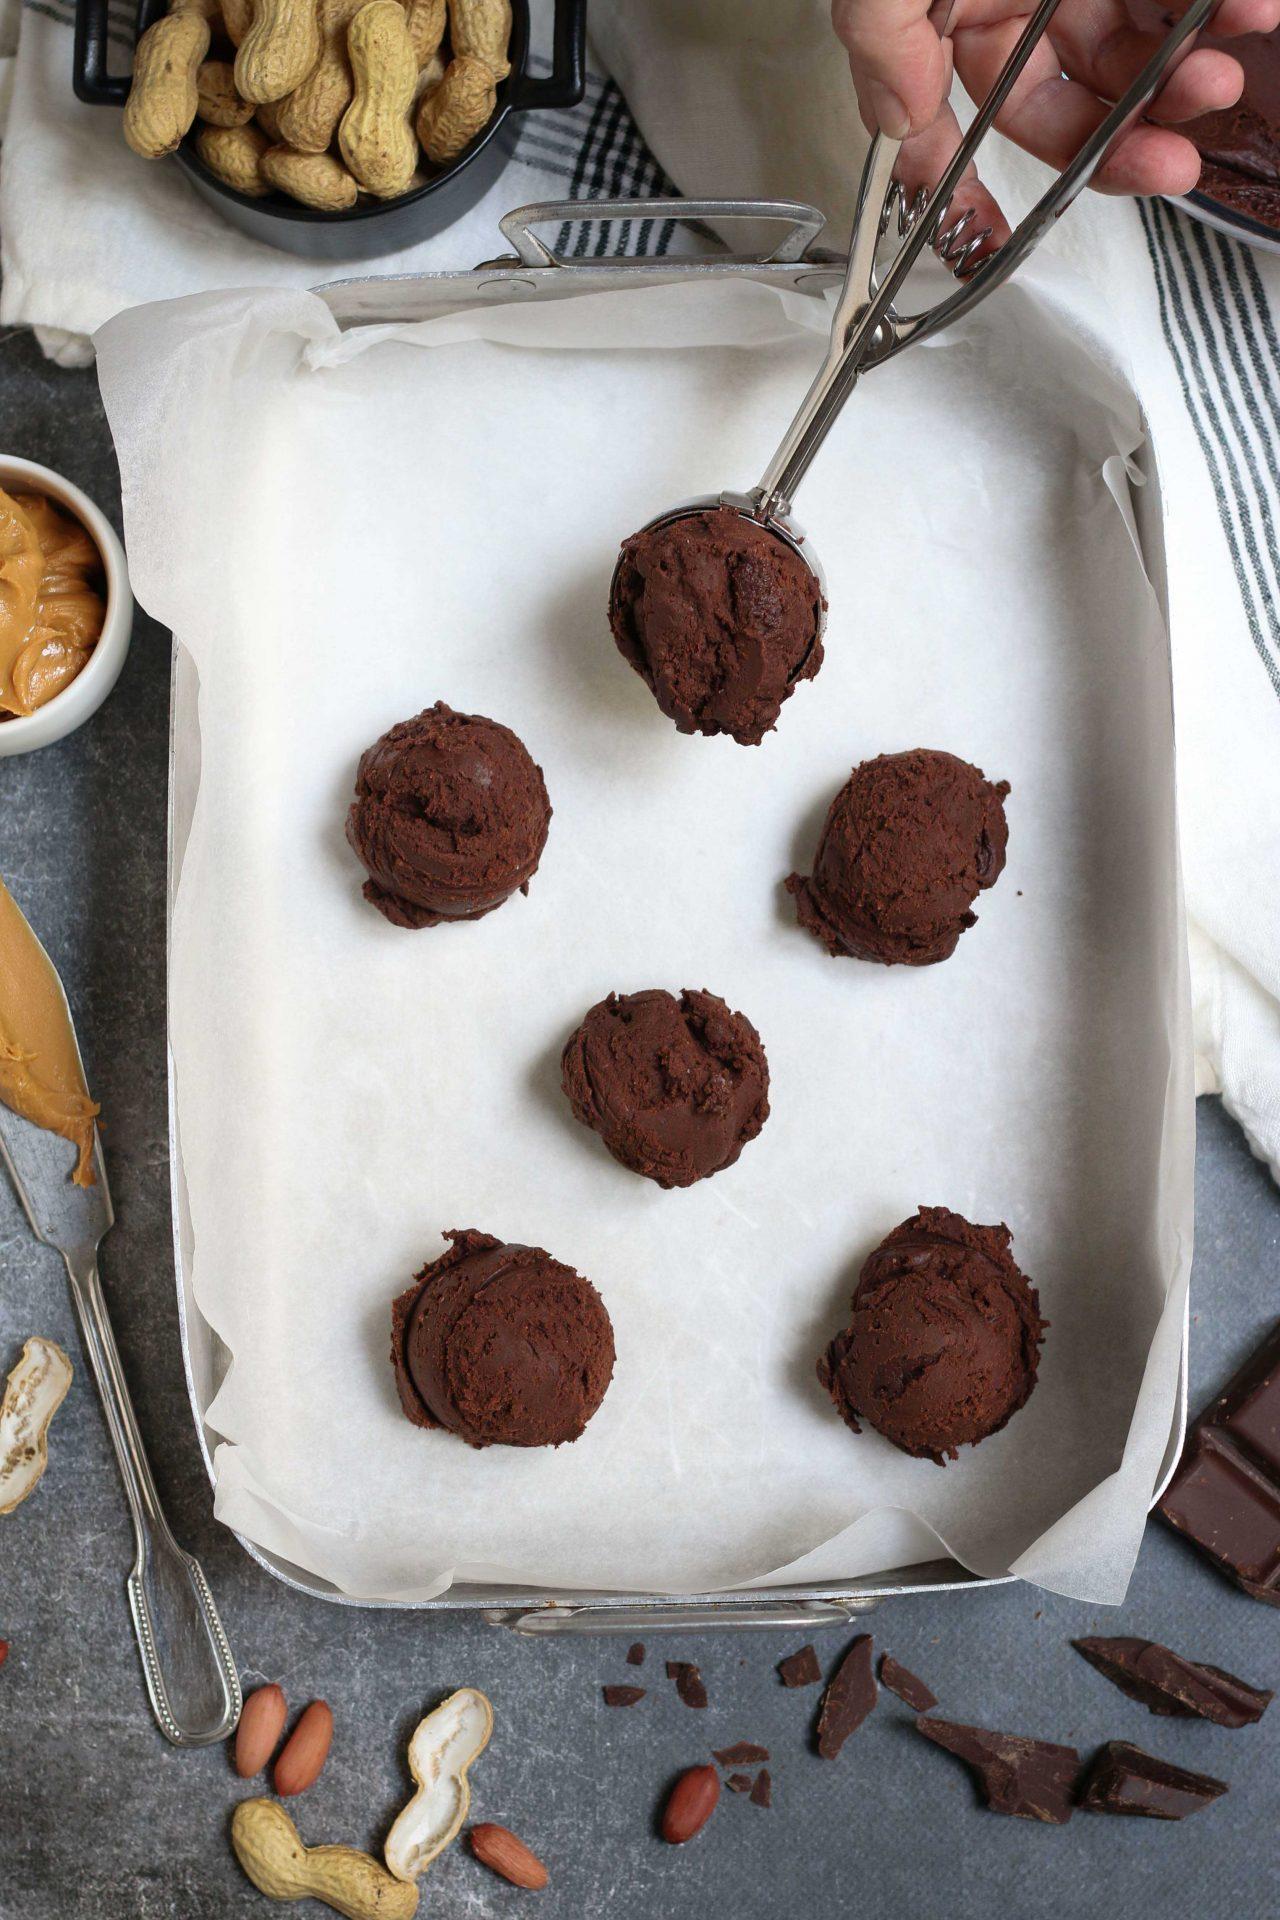 BUCKEYE CHOCOLATE COOKIES